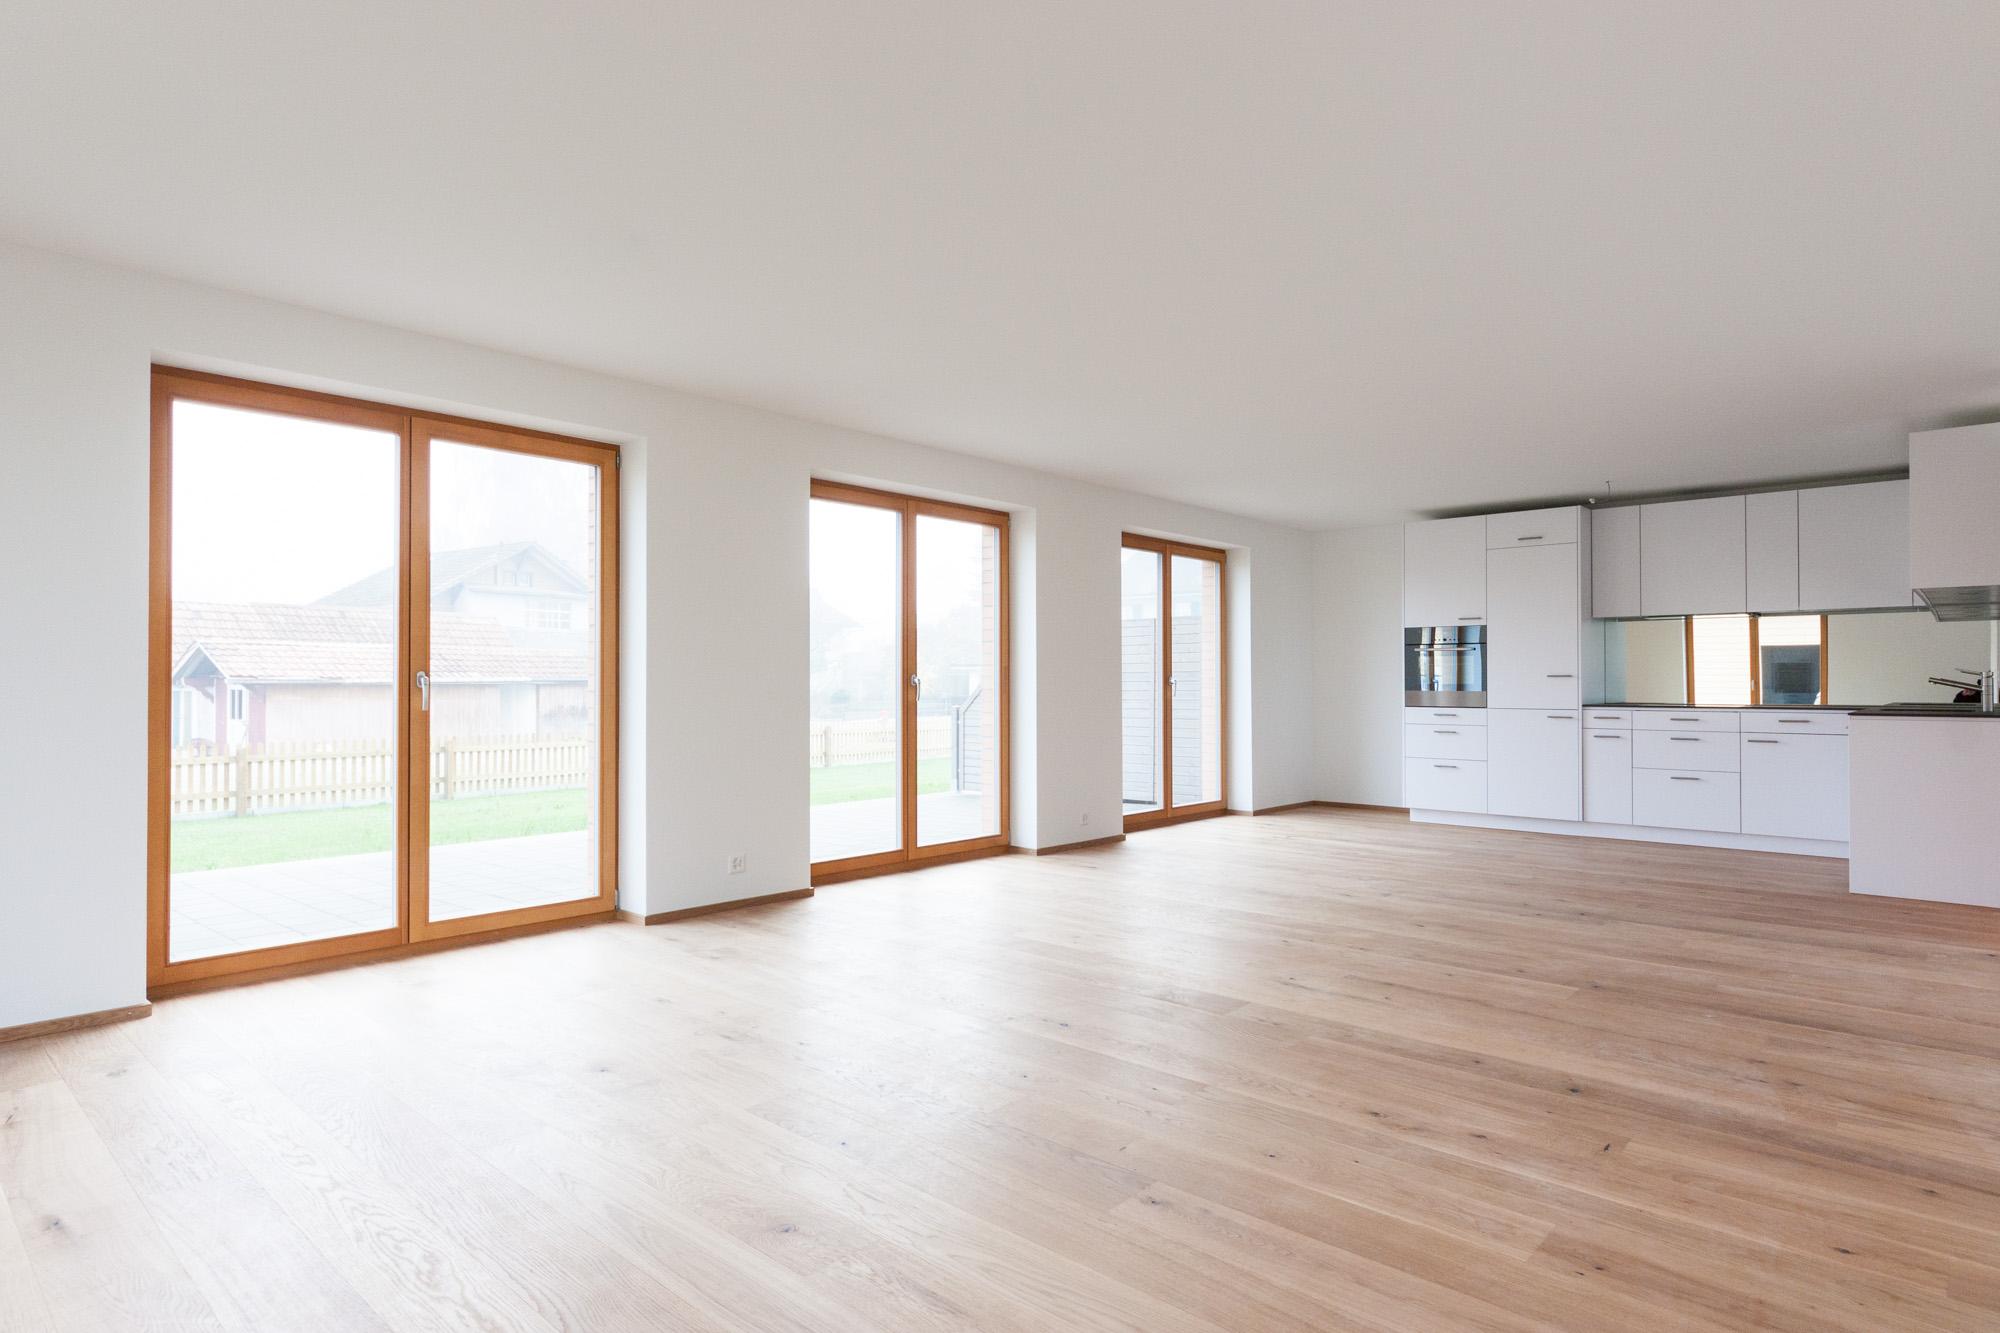 Im Mehrfamilienhaus an der Dorfstrasse in Ersigen konnte die MerzGips AG Gipserarbeiten ausführen. Entstanden sind helle Wohnungen mit grossen Fensterfronten und modernster Wohntechnik.